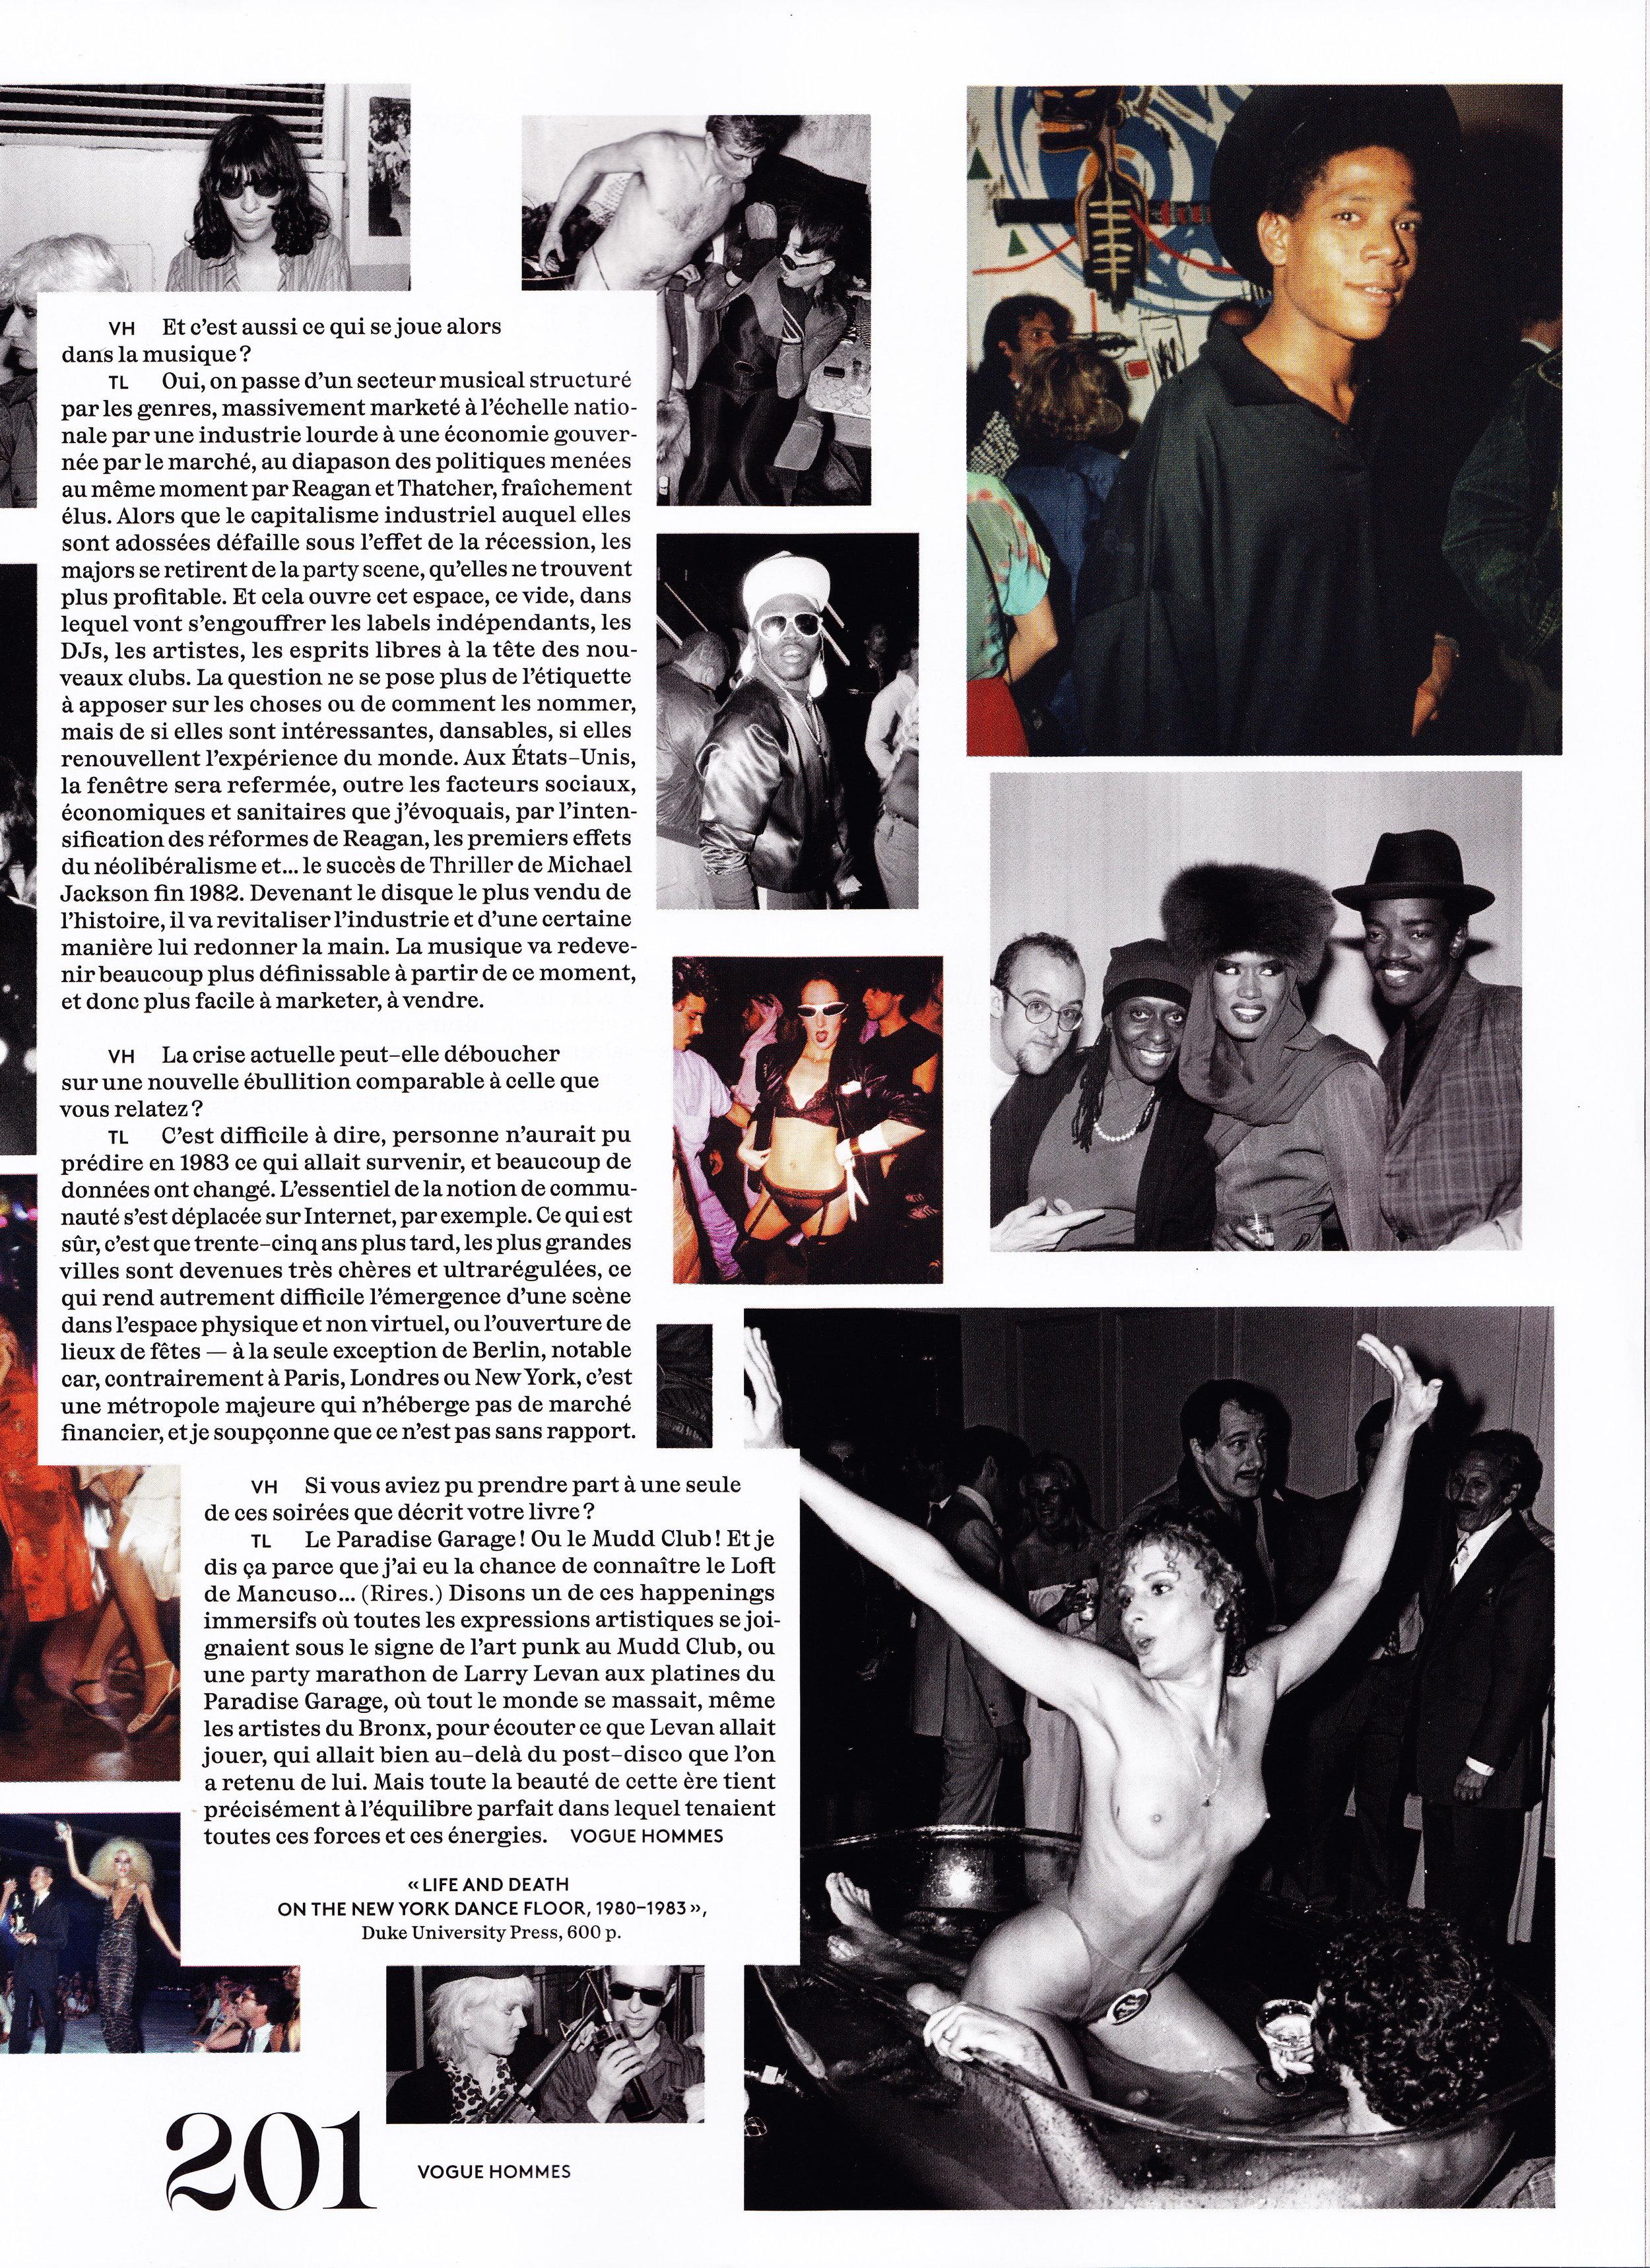 Vogue-6.jpg